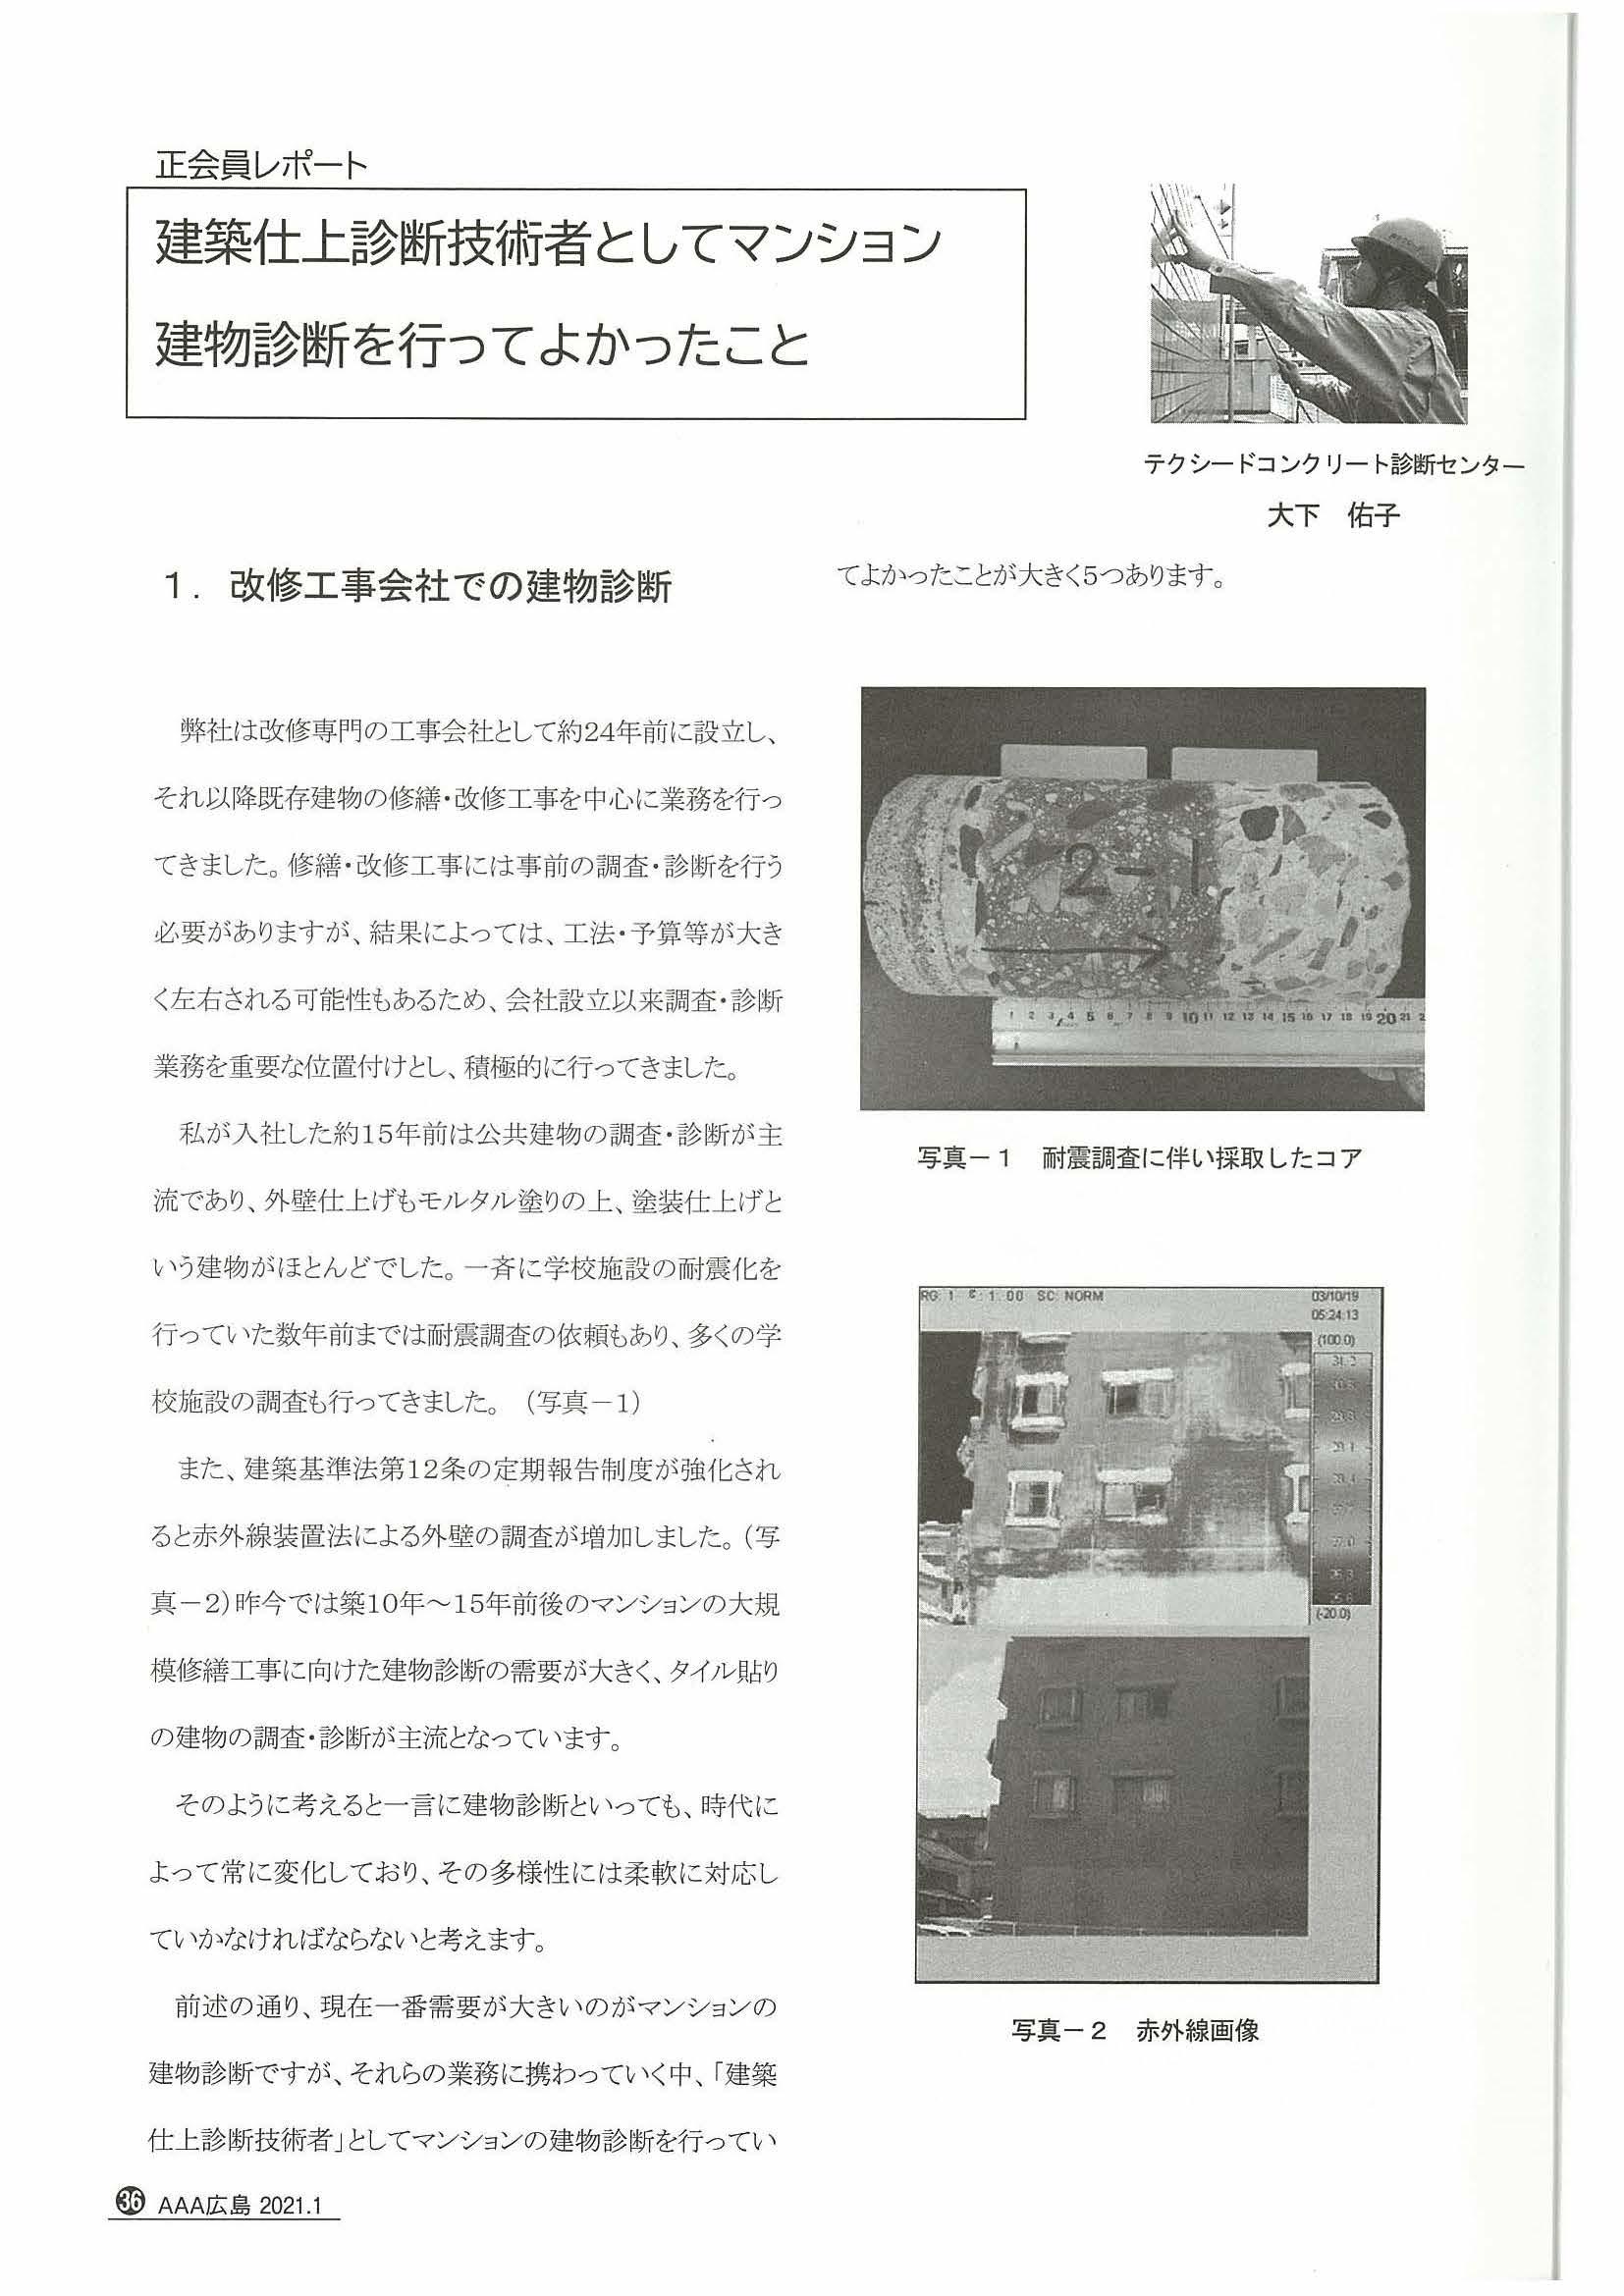 建築士事務所所協会報(大下さん)_ページ_3.jpg